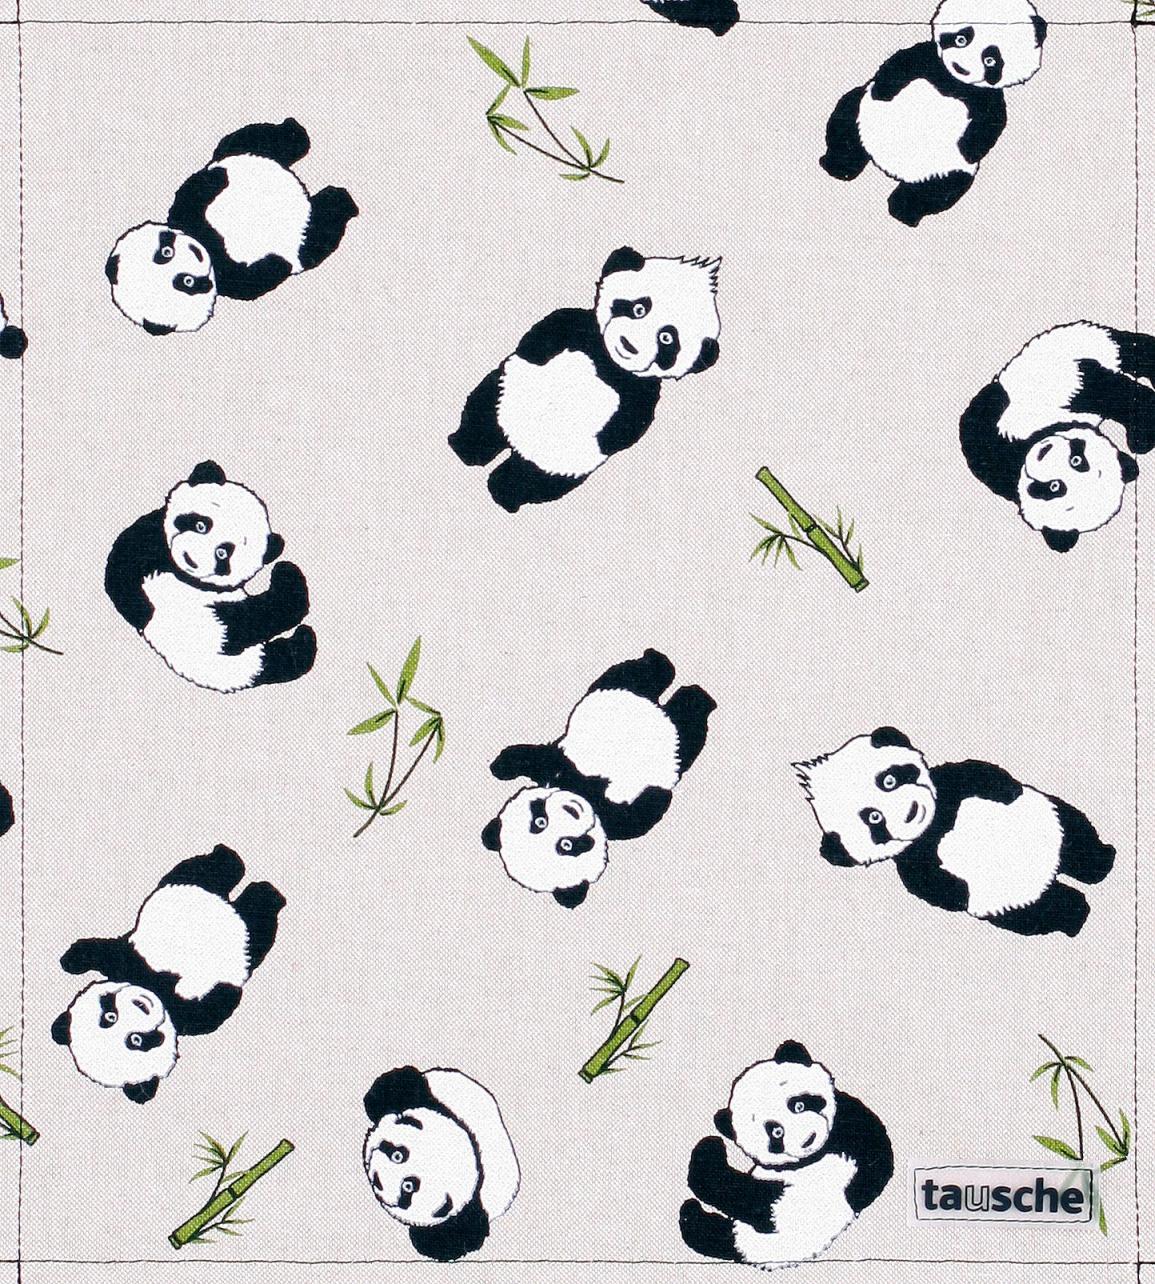 Panda (mittel)